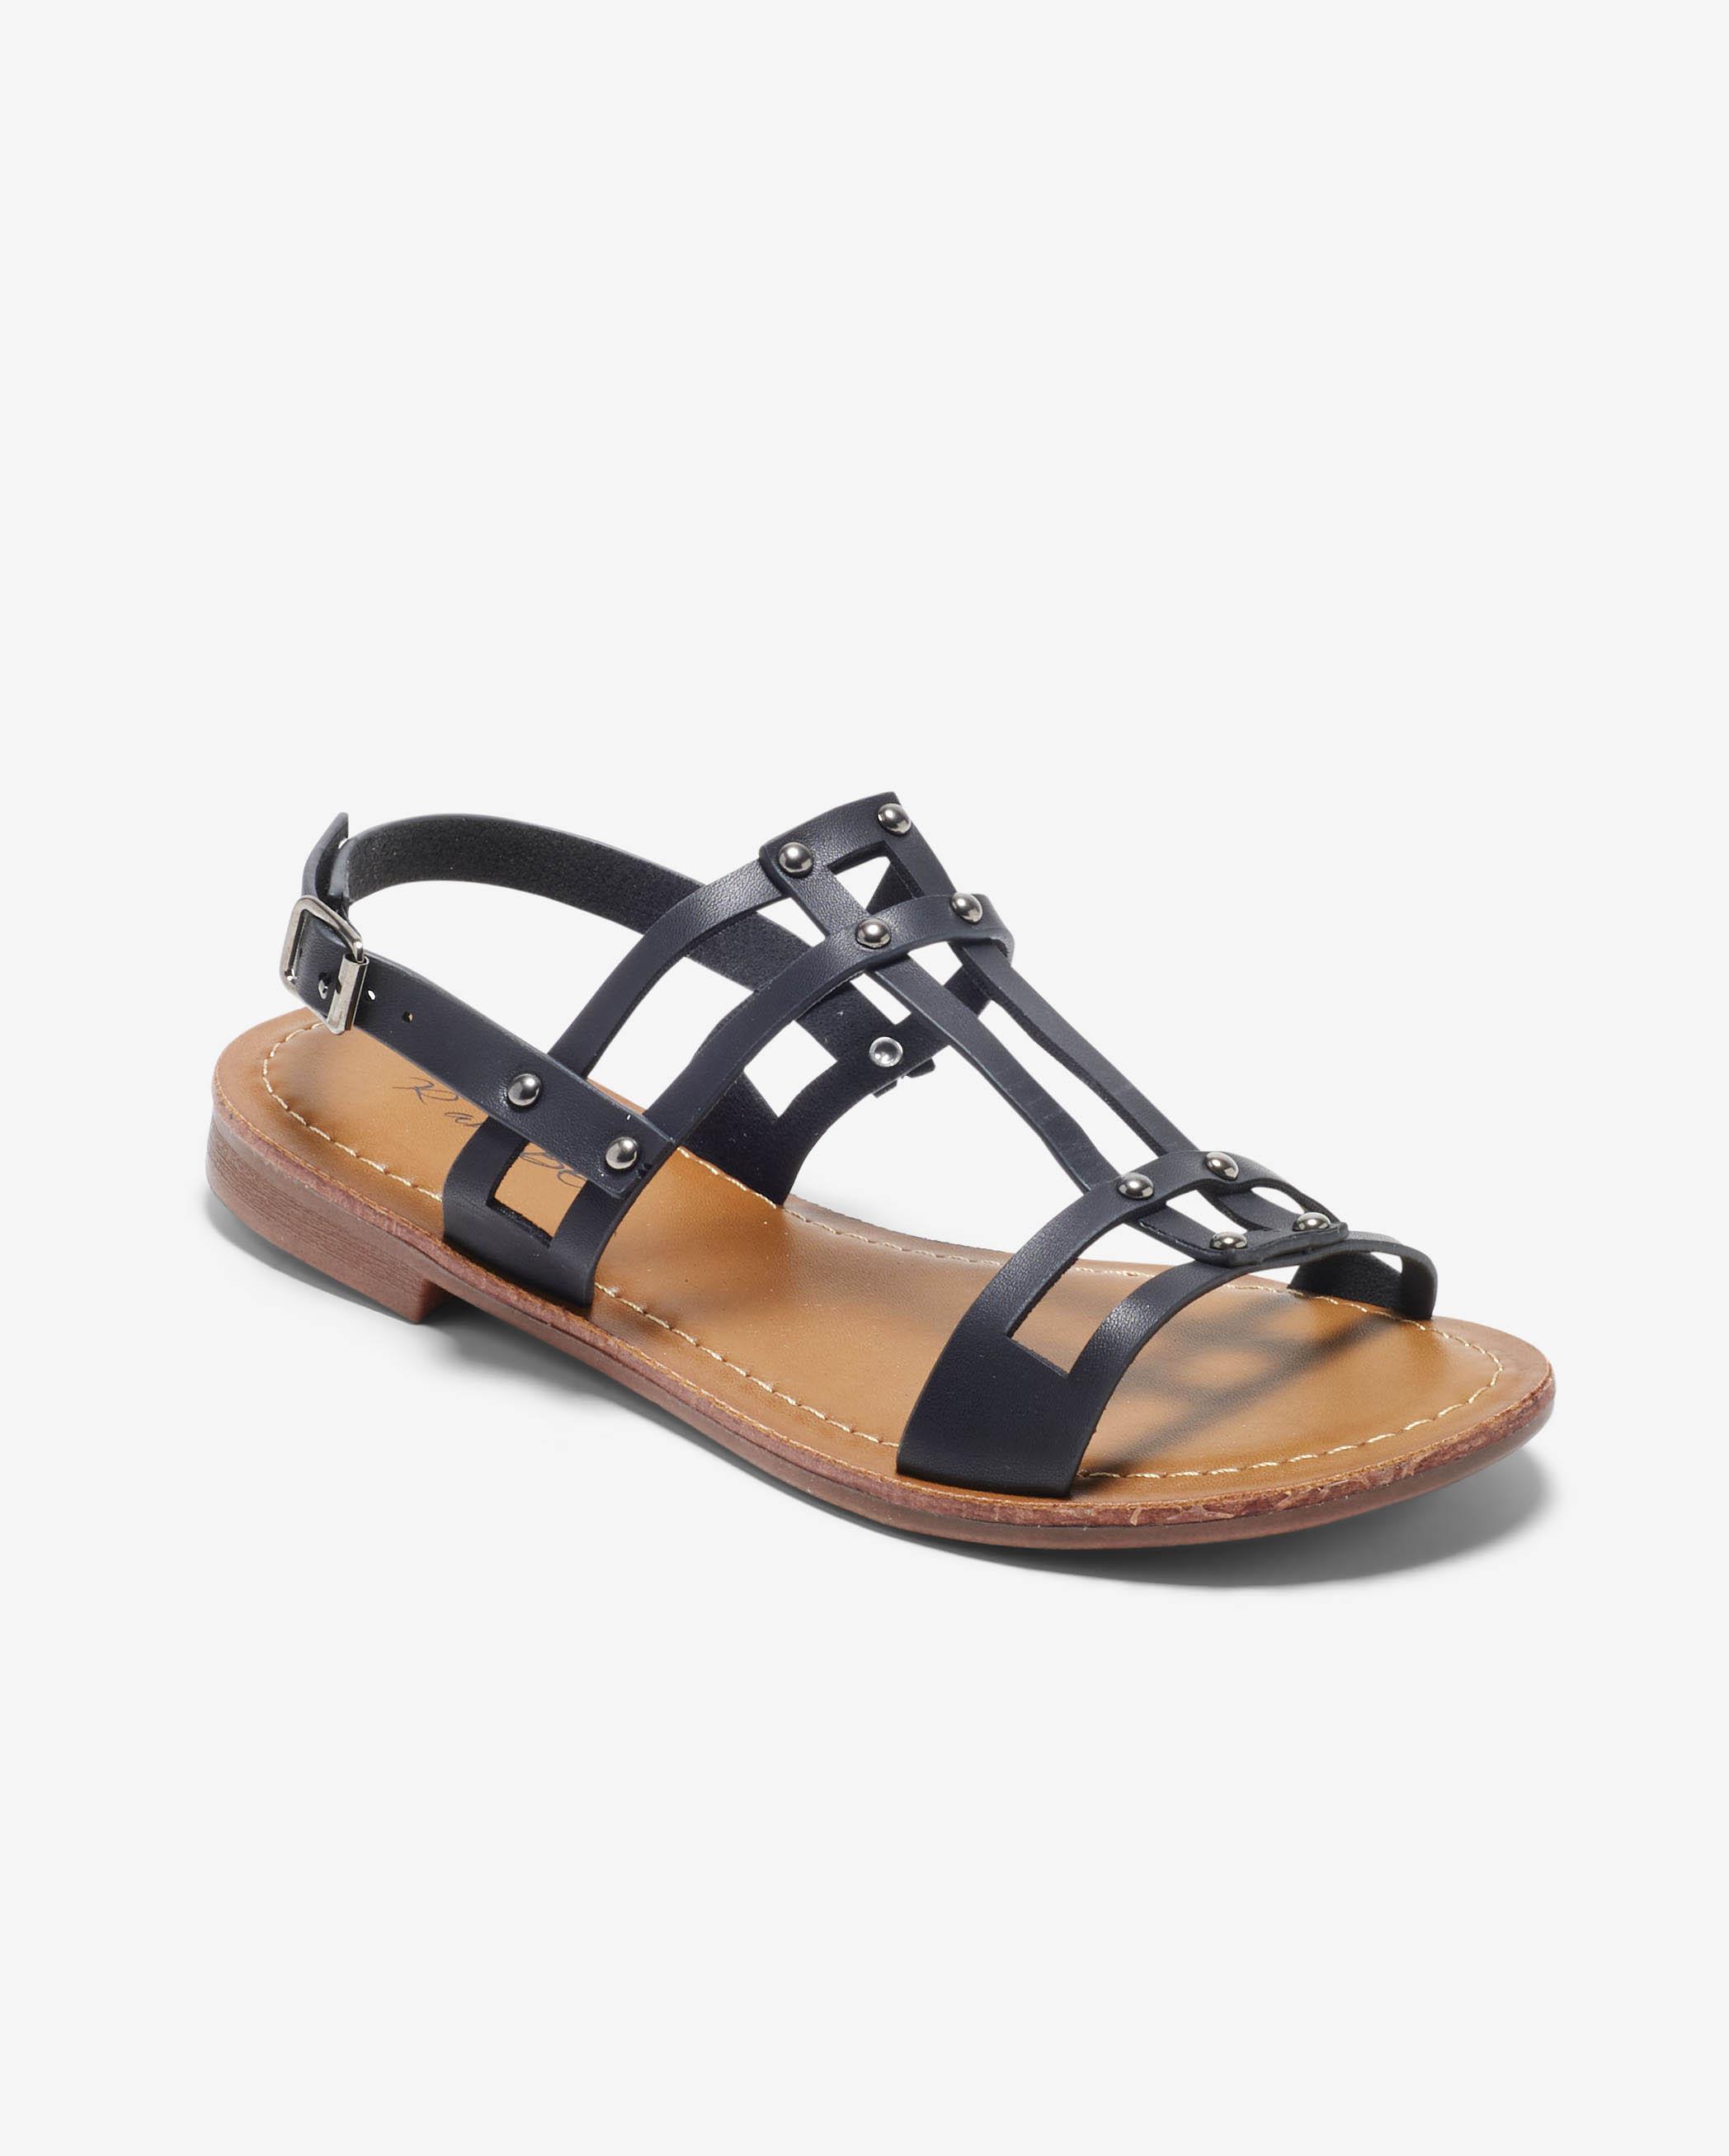 Sandales Plates Femme - Sandale Plate Noir Jina - Ve560